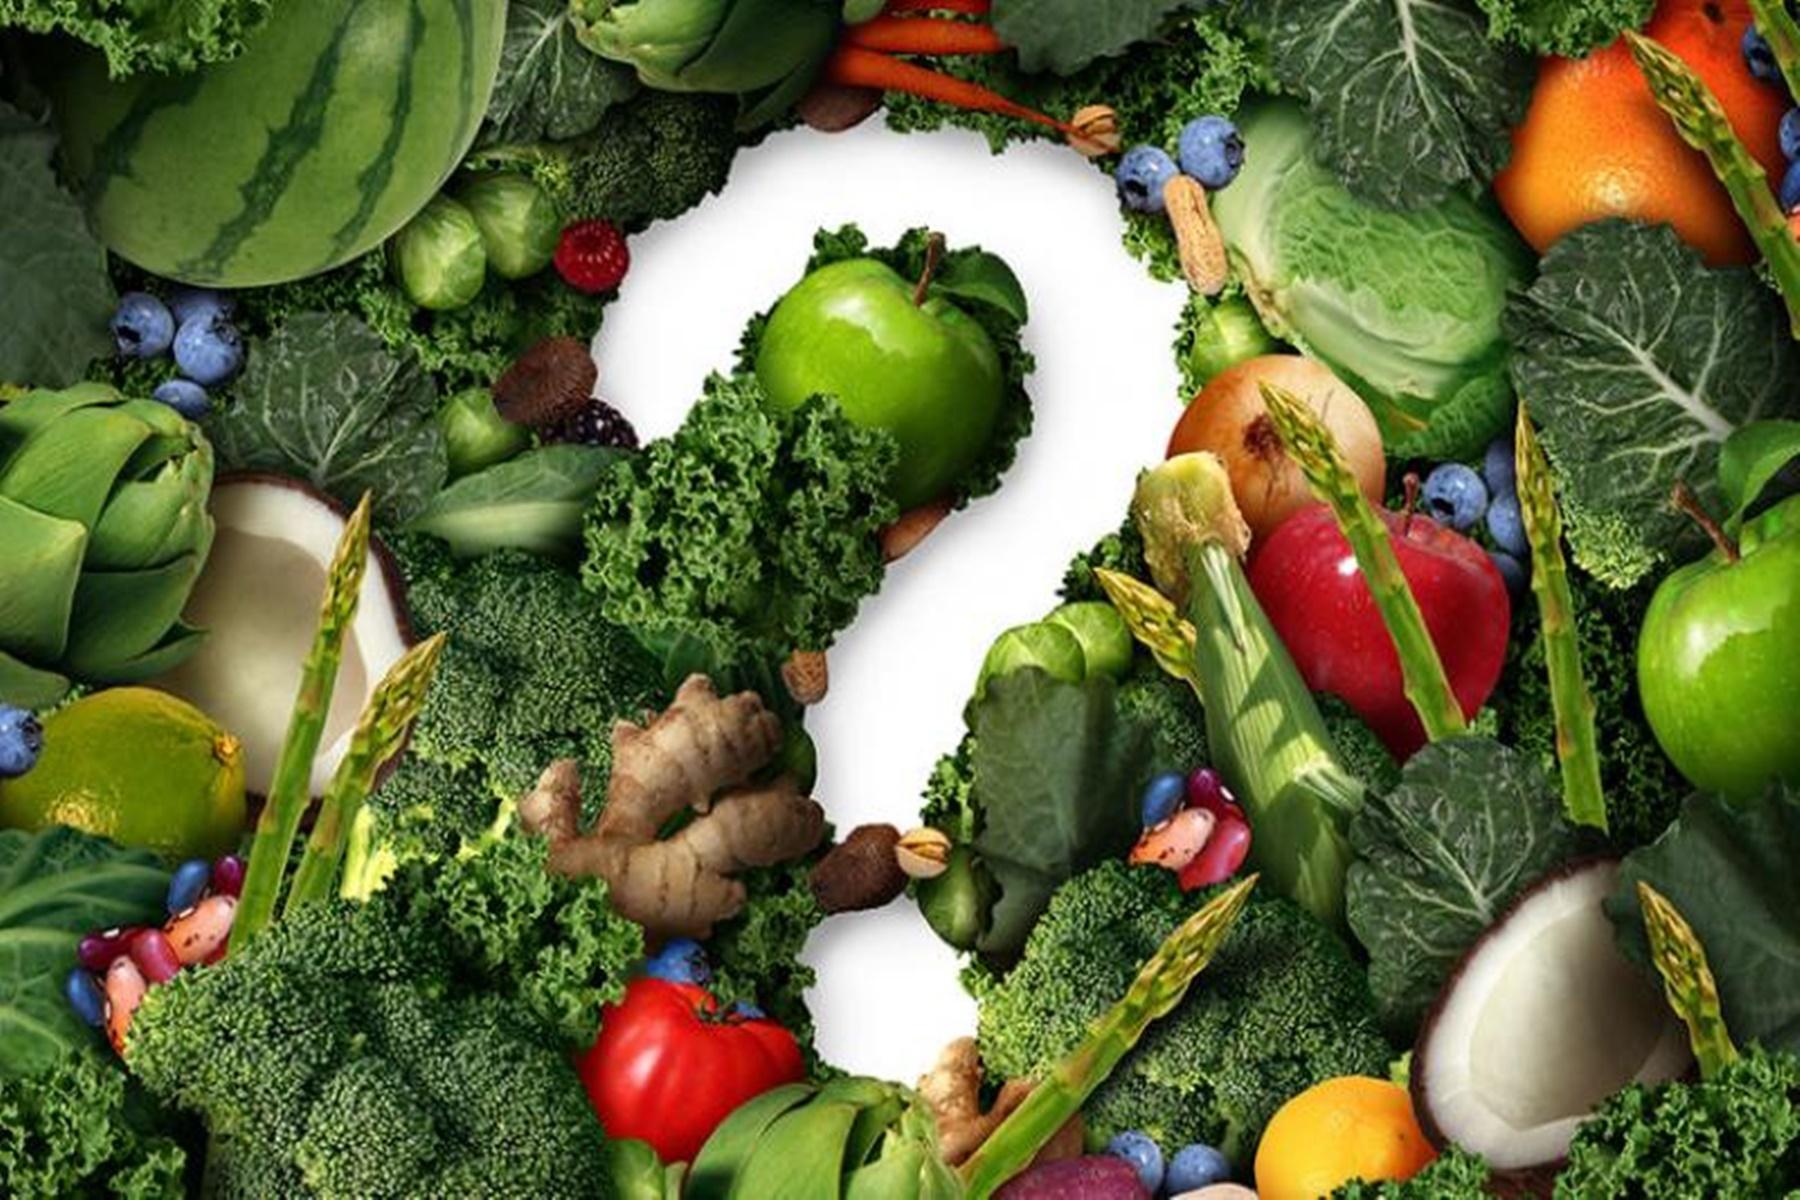 Διατροφή άγχος: Ποιες τροφές καταπολεμούν το στρες